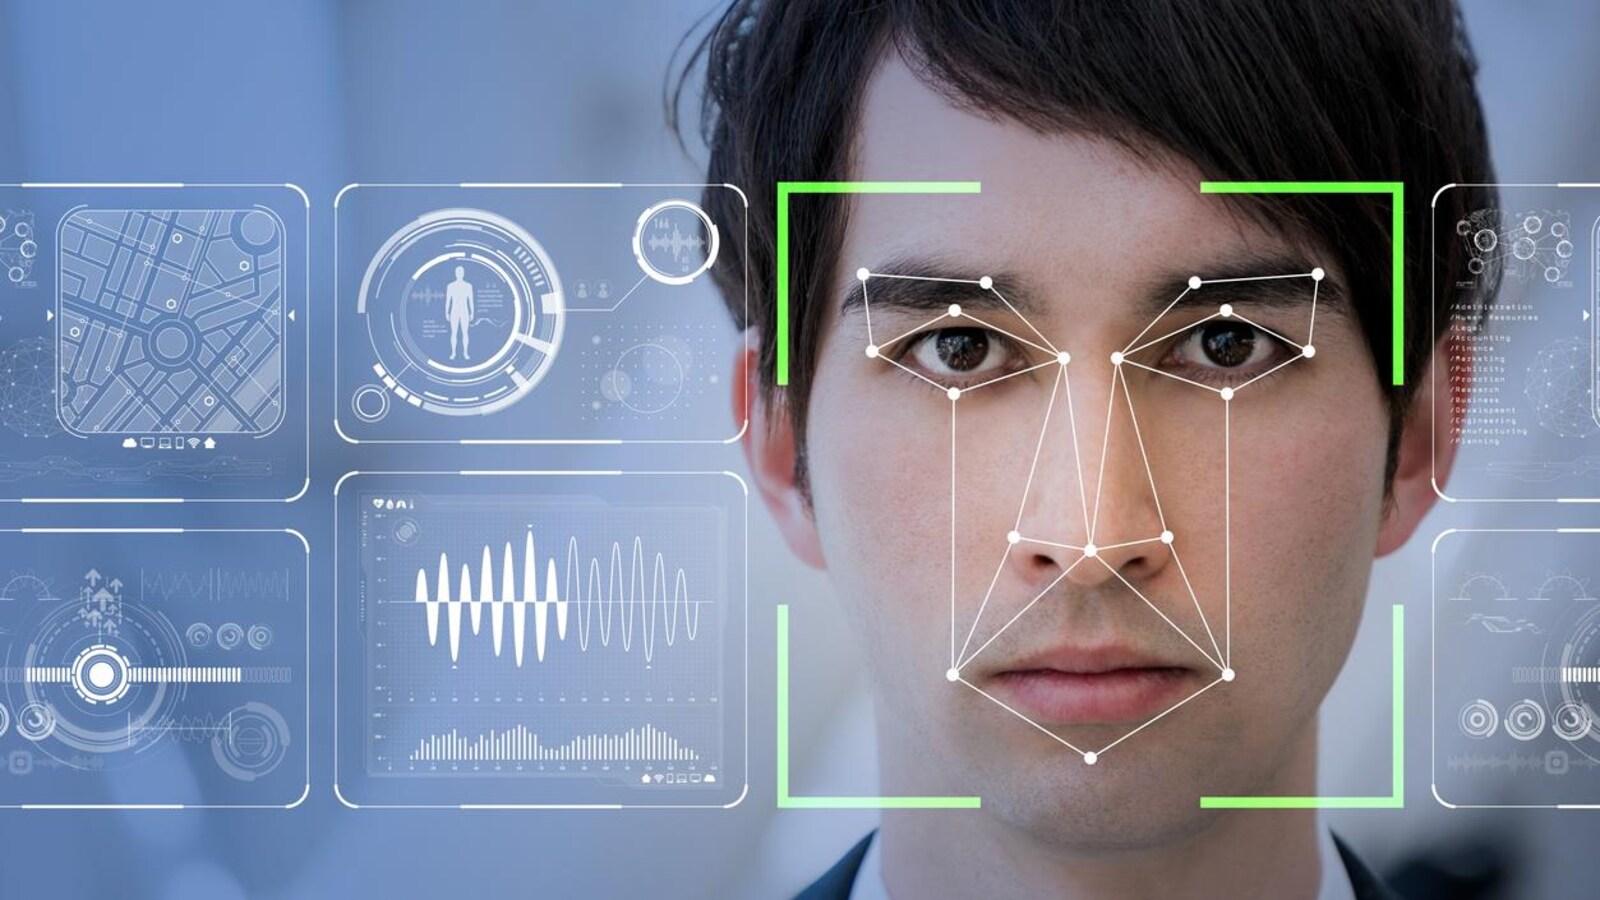 Le visage d'un homme est scanné par un ordinateur.